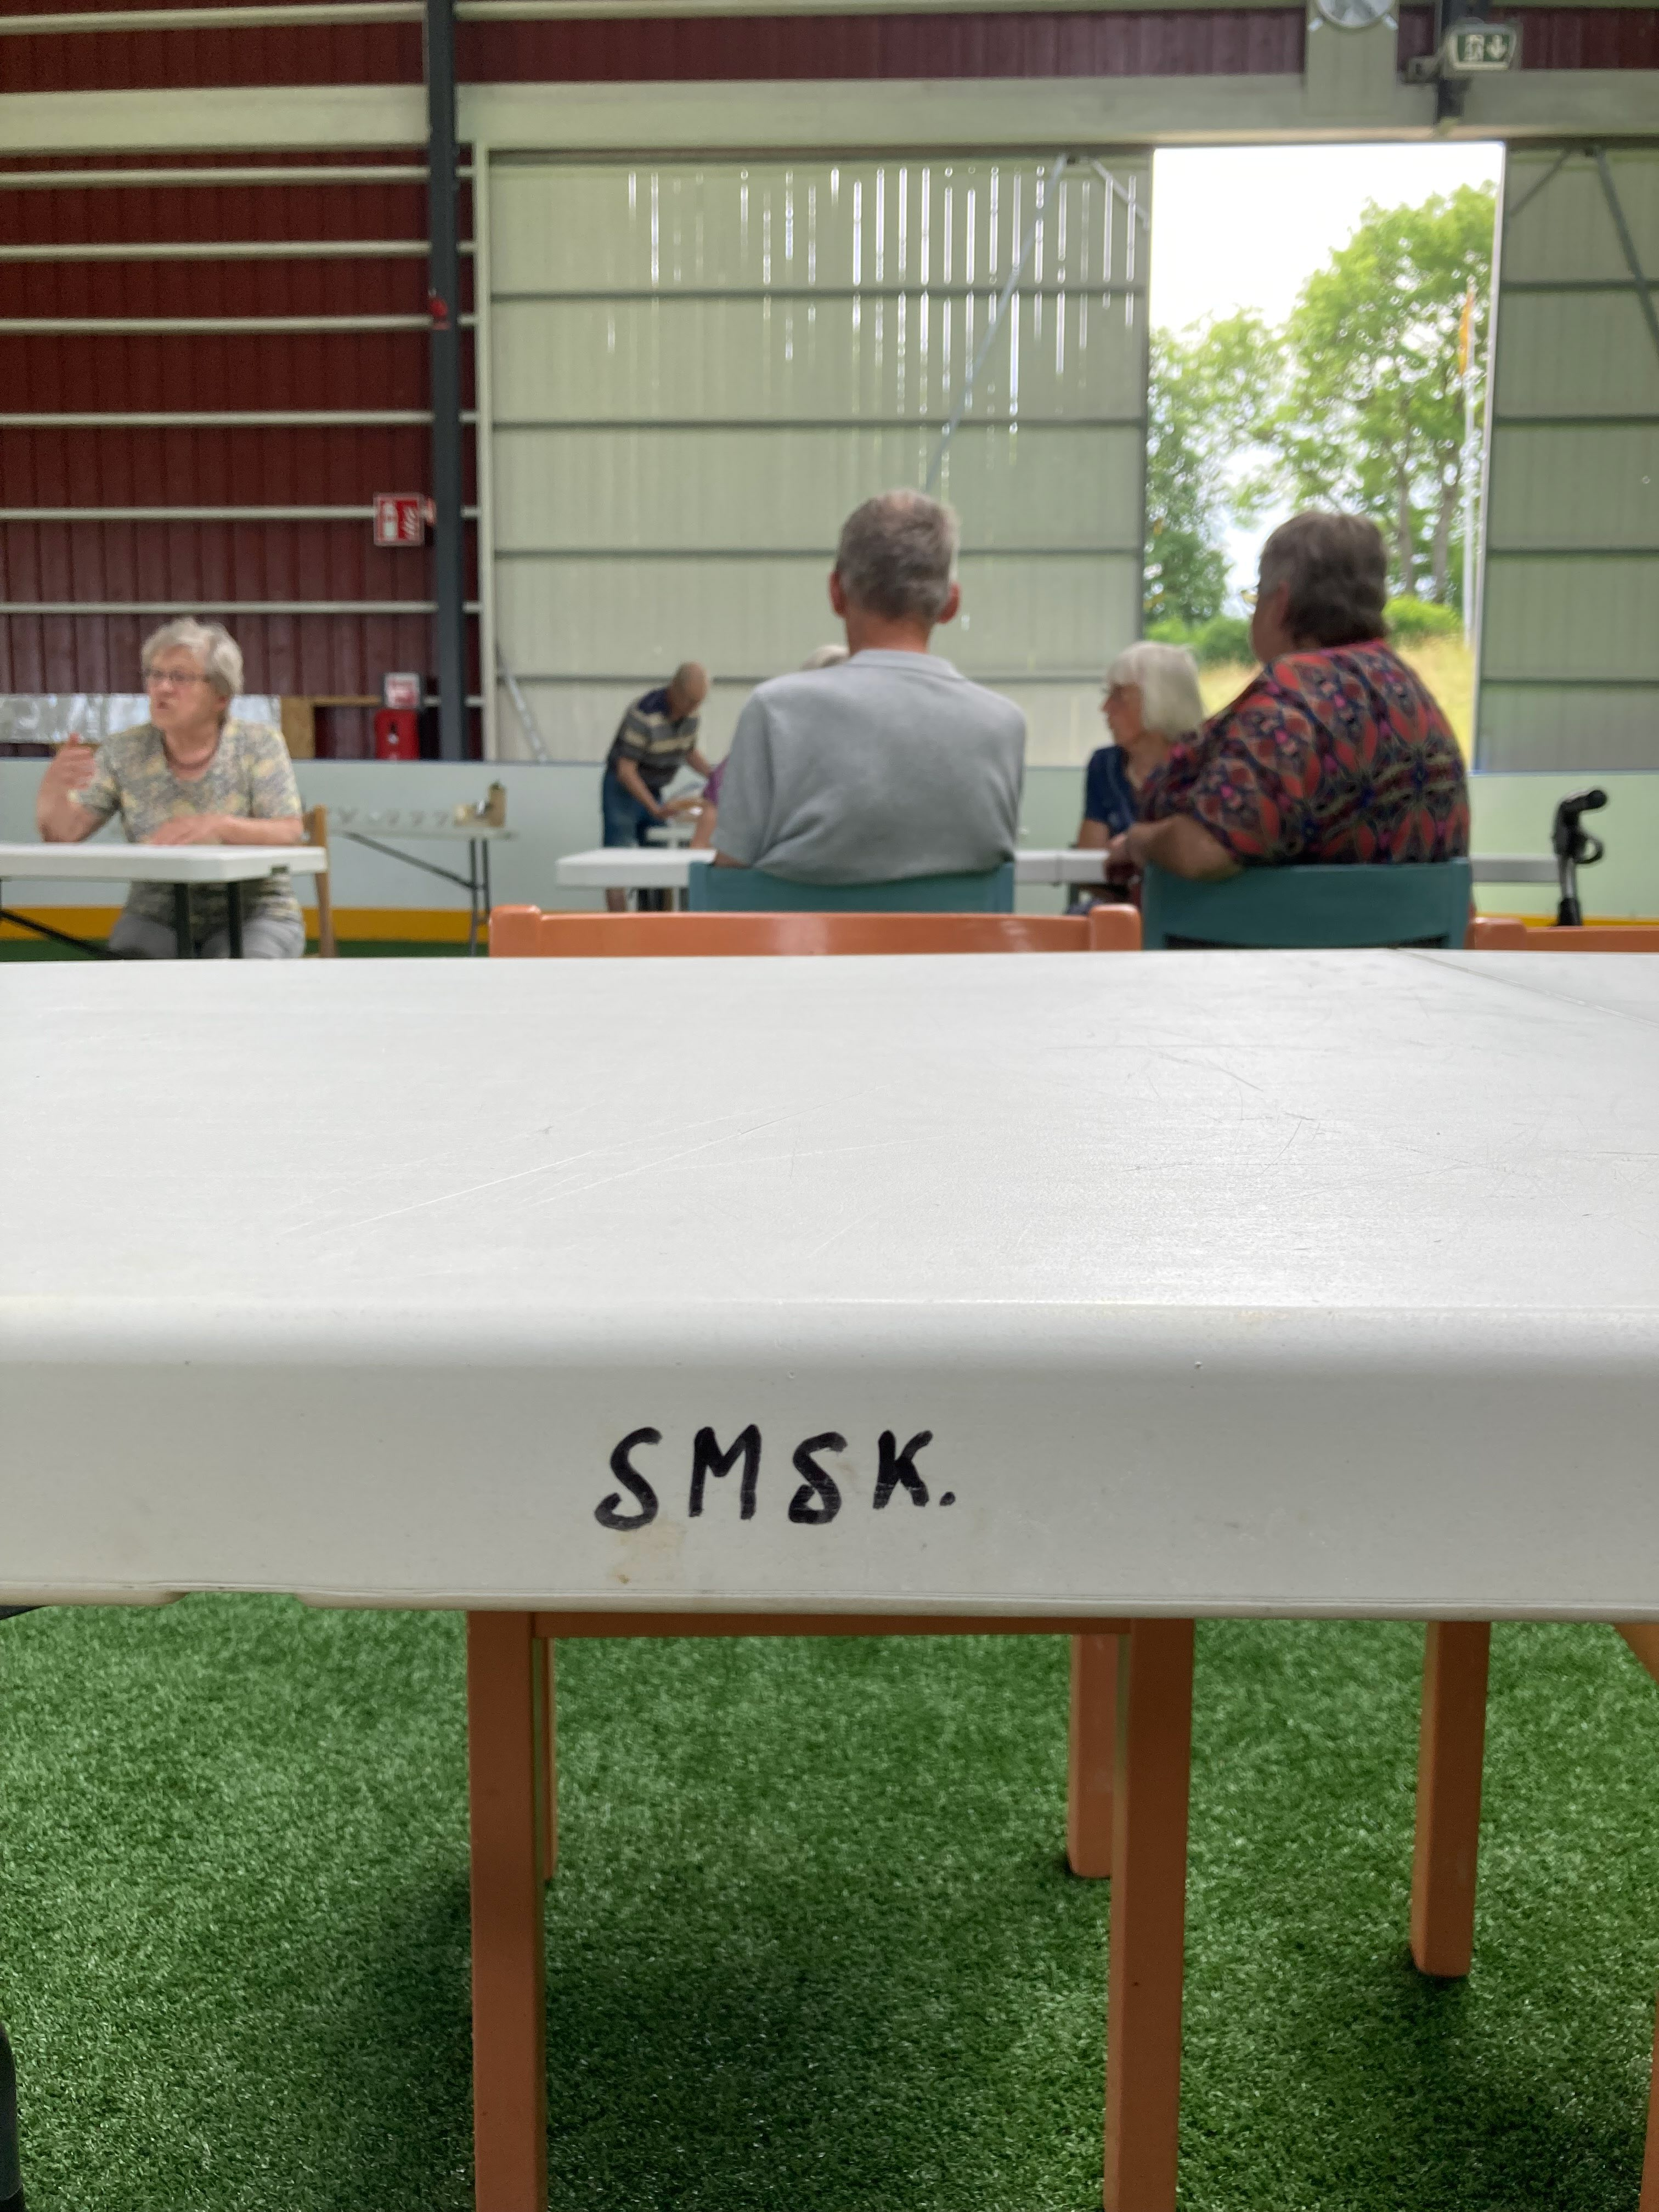 Sportklubben SMSK har gjort ett fantastiskt arbete för att möjliggöra arenans tillkomst.